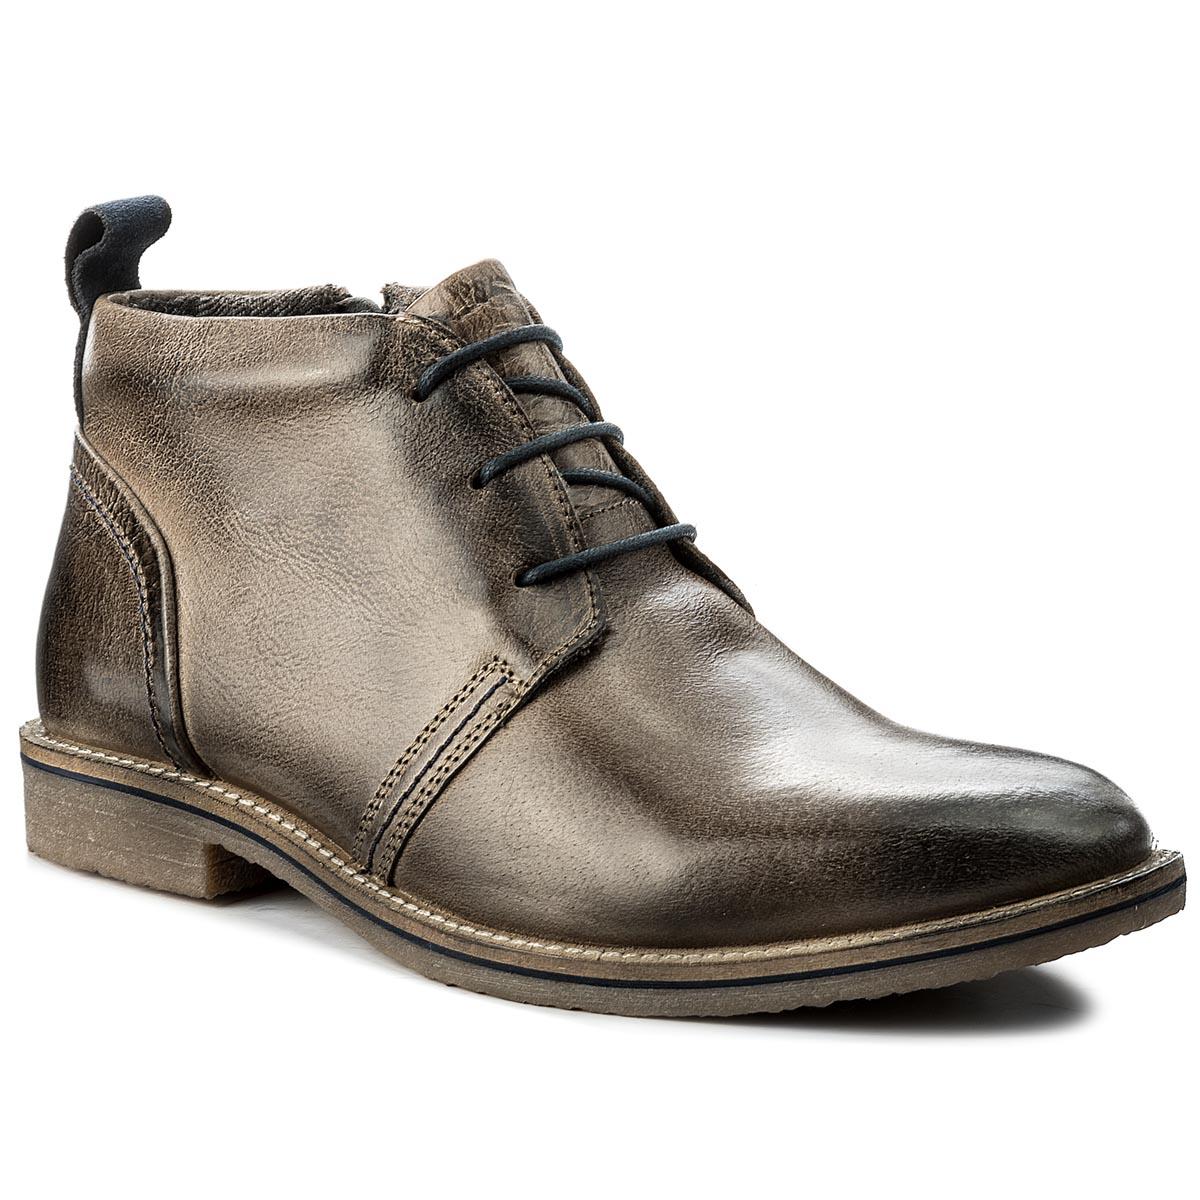 Outdoorová obuv LANQIER - 41A80 Khaki - Glami.sk f015a02a4d1